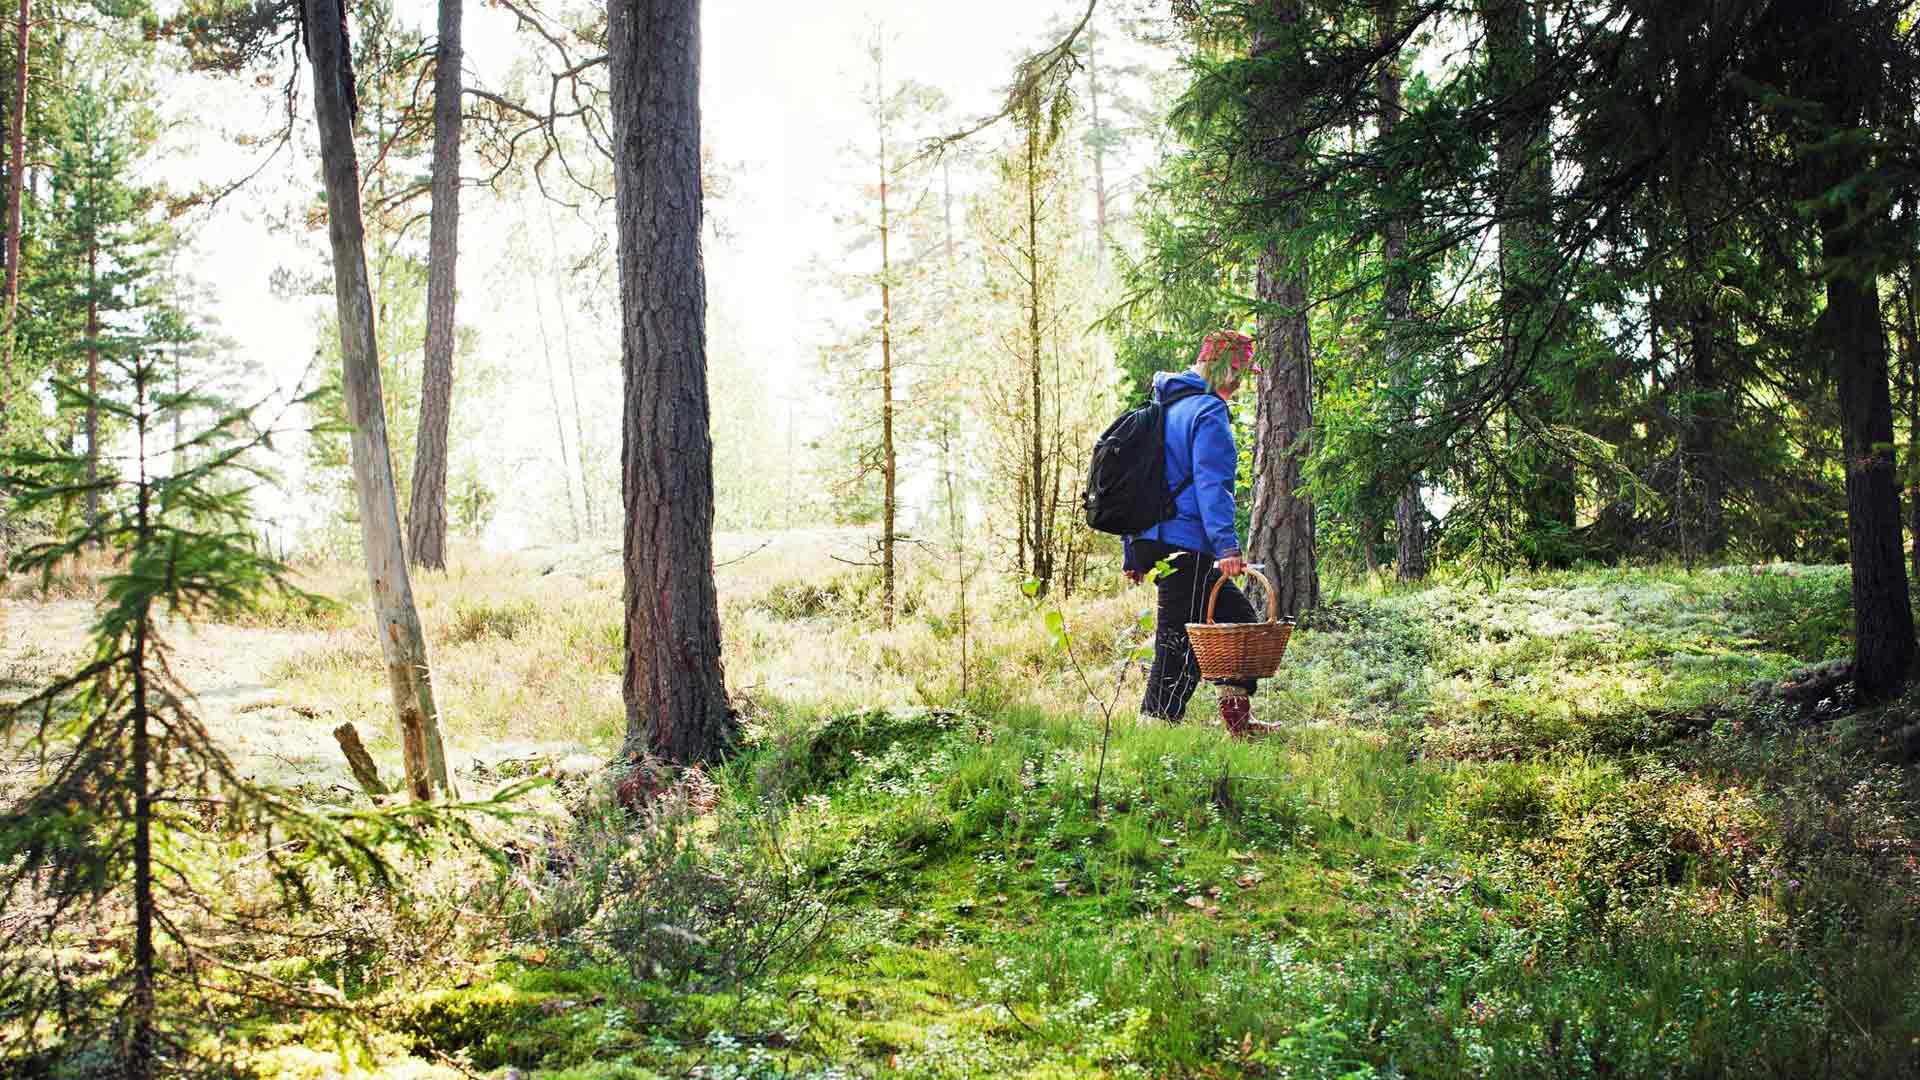 Metsään kannattaa lähteä korin kanssa, sillä sieltä löytyy paljon syötävää. Liiku kiireettä, iloitse ja nauti siitä, mitä tällä kertaa luonnosta löytyykään.